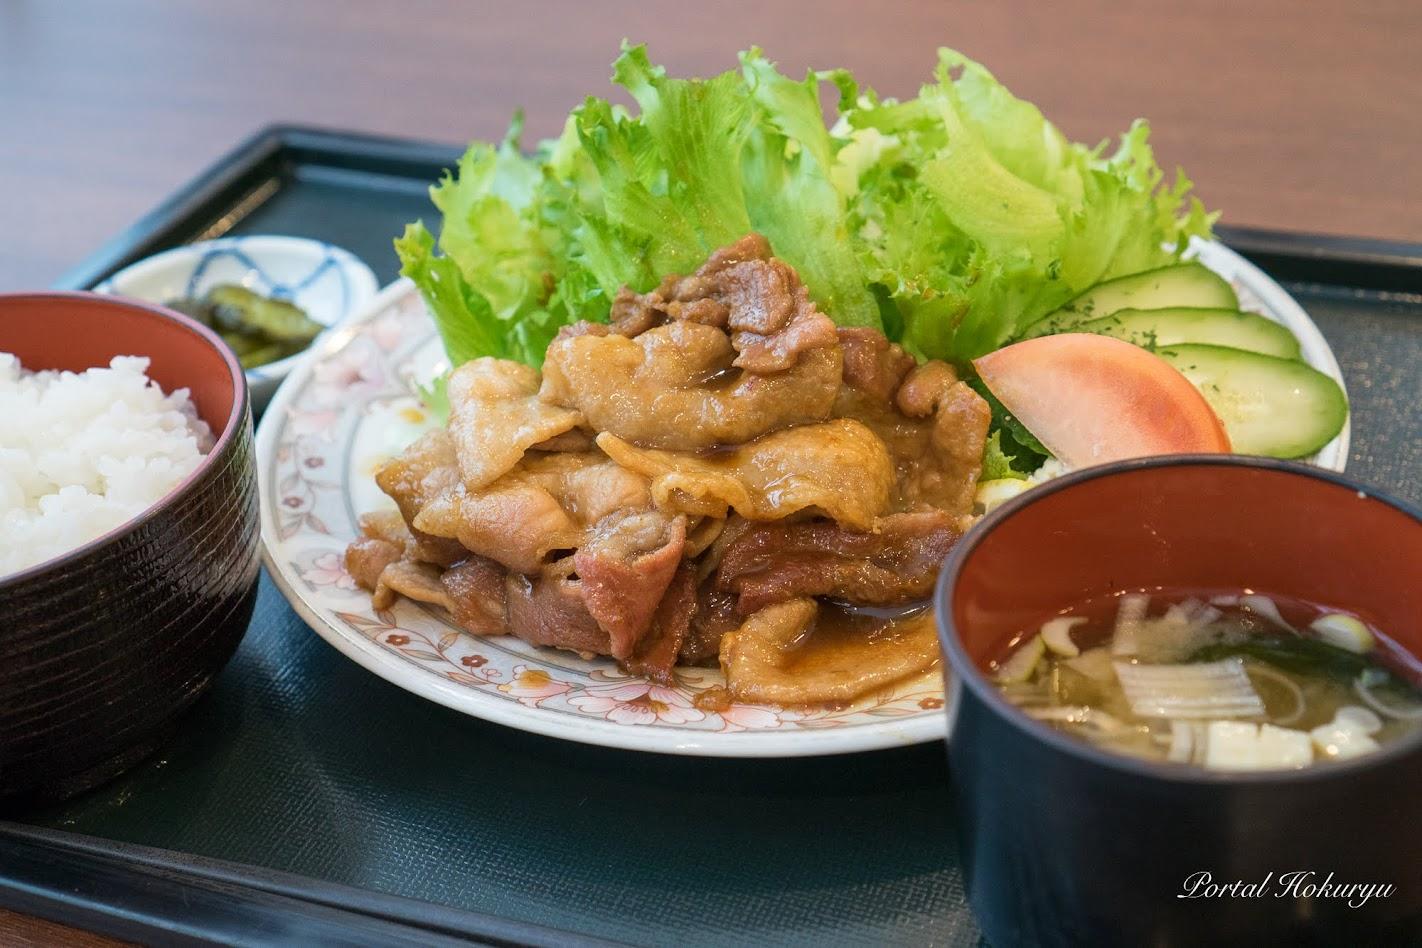 ひまわり畑ポーク生姜焼き定食